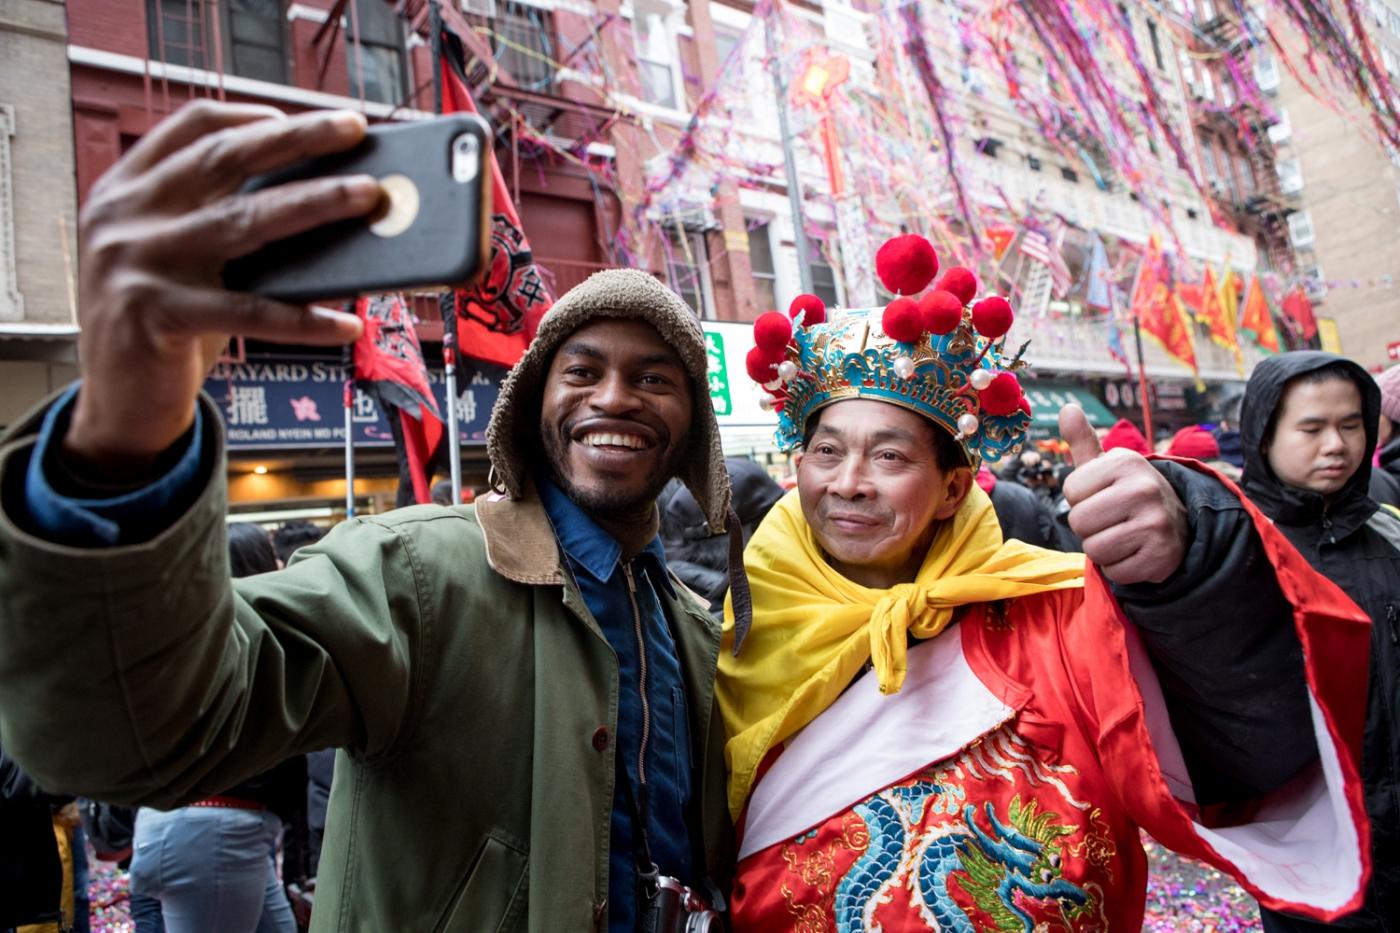 美國春節好熱鬧    ----紐約曼哈頓唐人街大年初一 20170128_图1-41